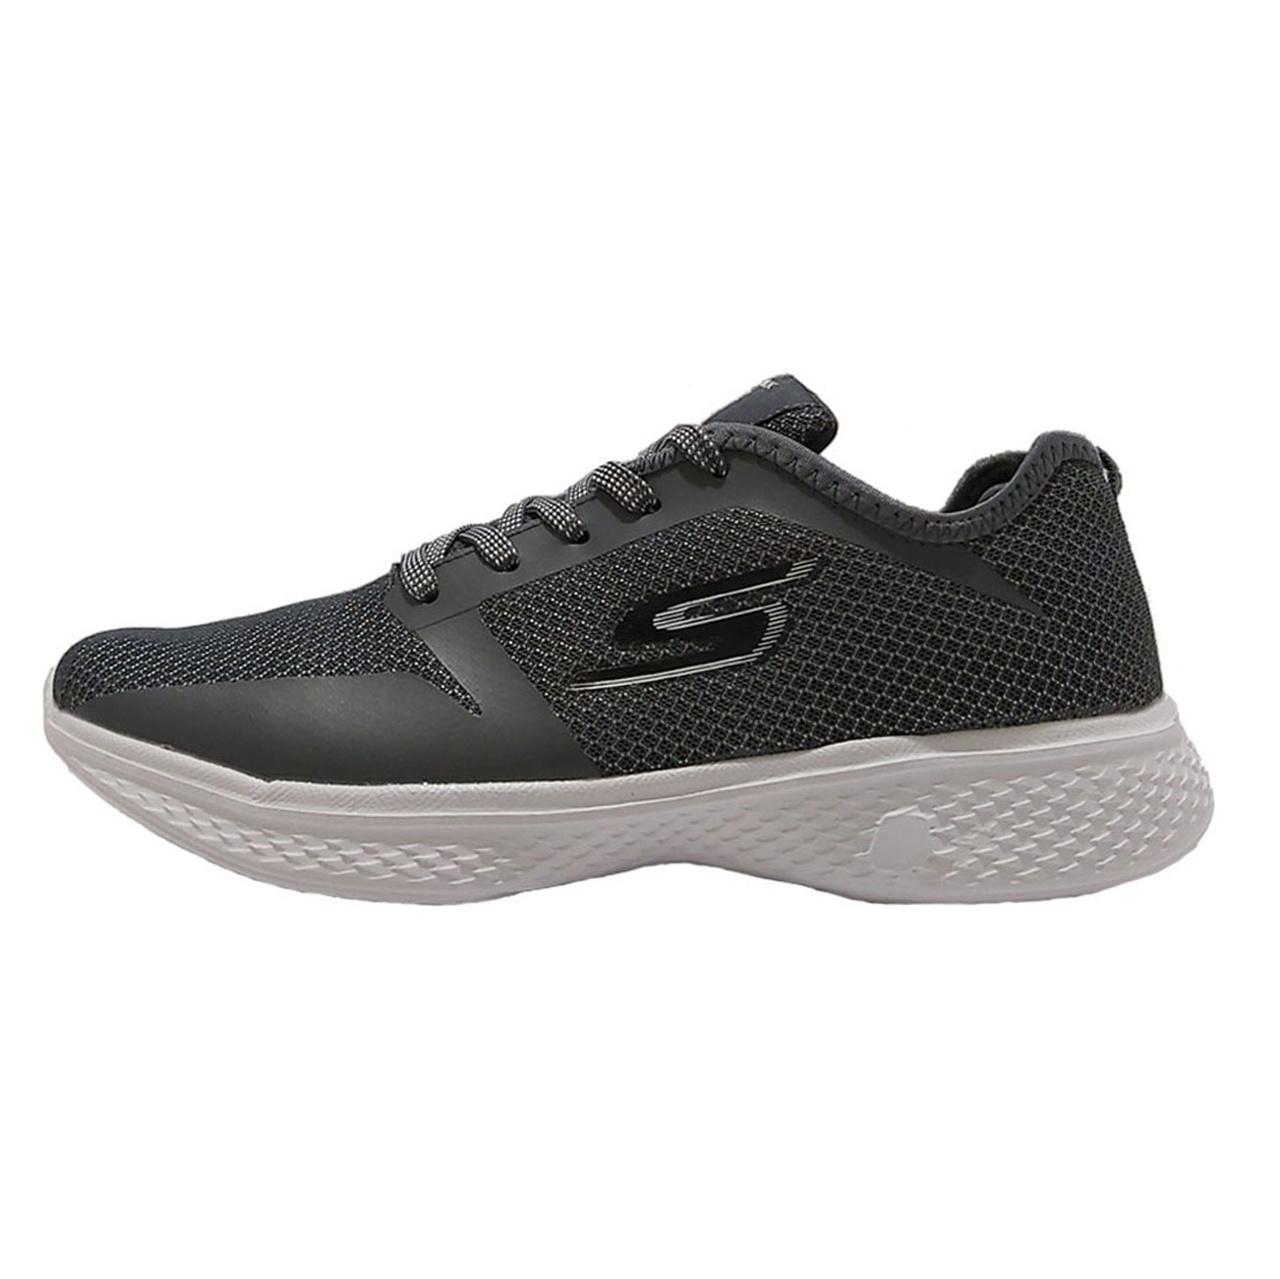 خرید                      کفش مخصوص پیاده روی مردانه اسکچرز مدل GO Walk 4-MG              👟